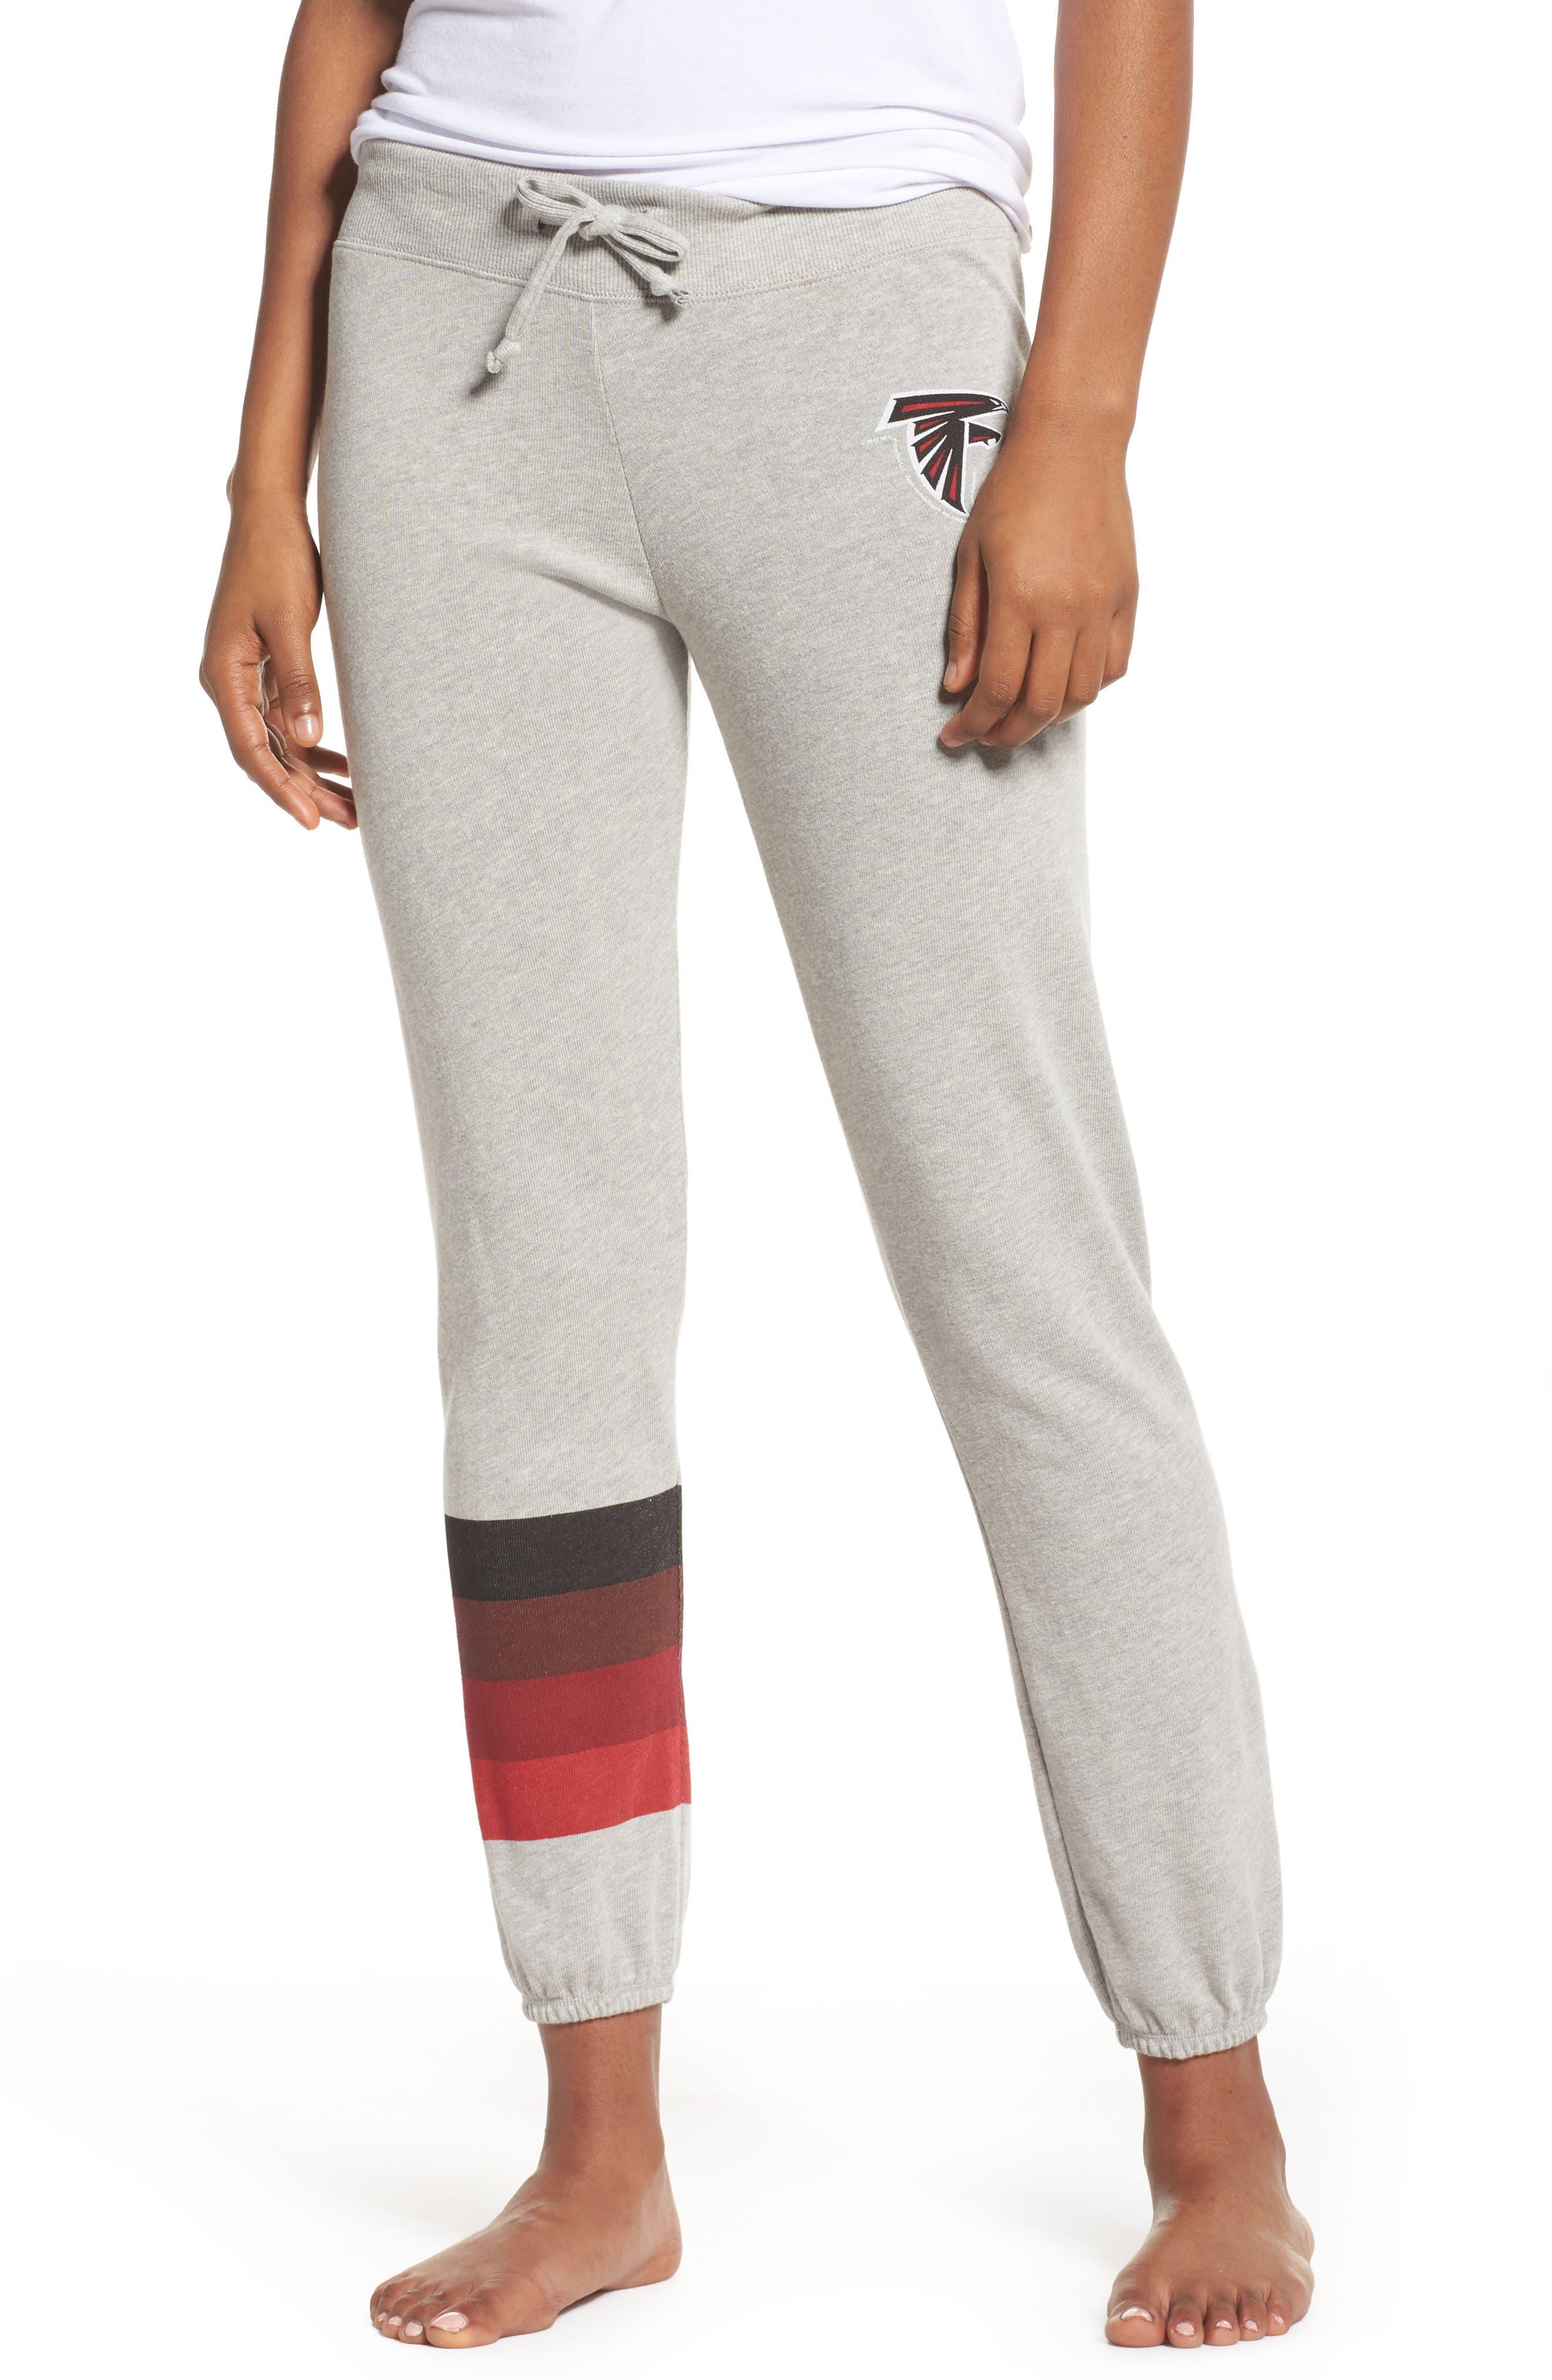 NFL Atlanta Falcons Hacci Sweatpants,                         Main,                         color, Dove Heather Grey